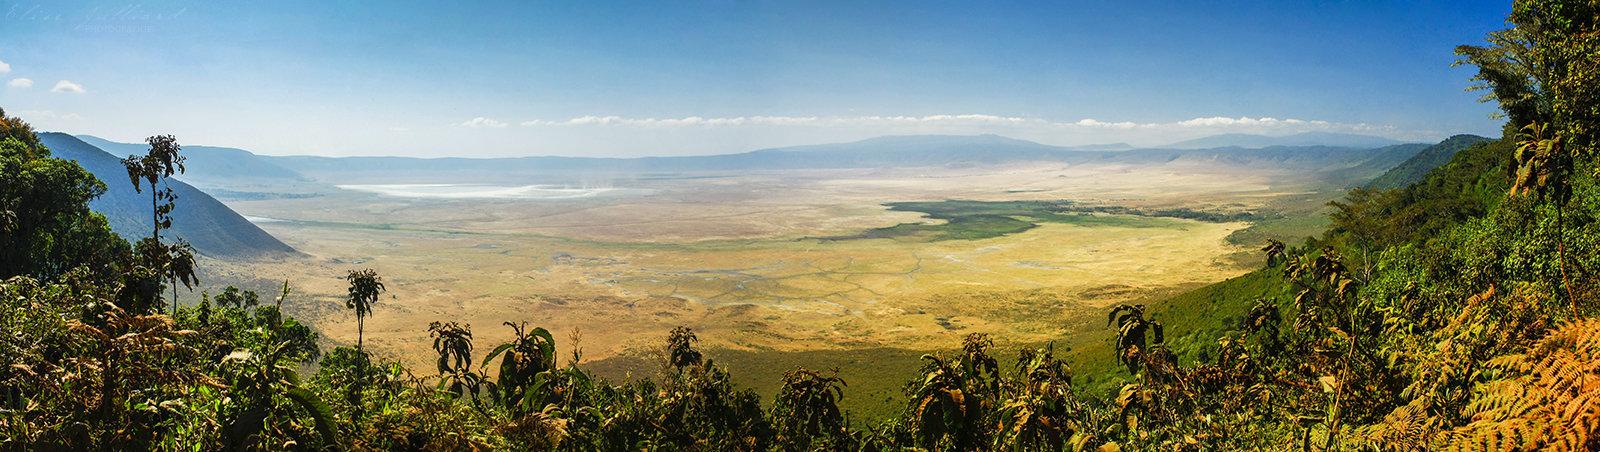 elise-julliard-photographe-photo-paysage-panorama-cratere-ngorongoro-tanzanie-afrique